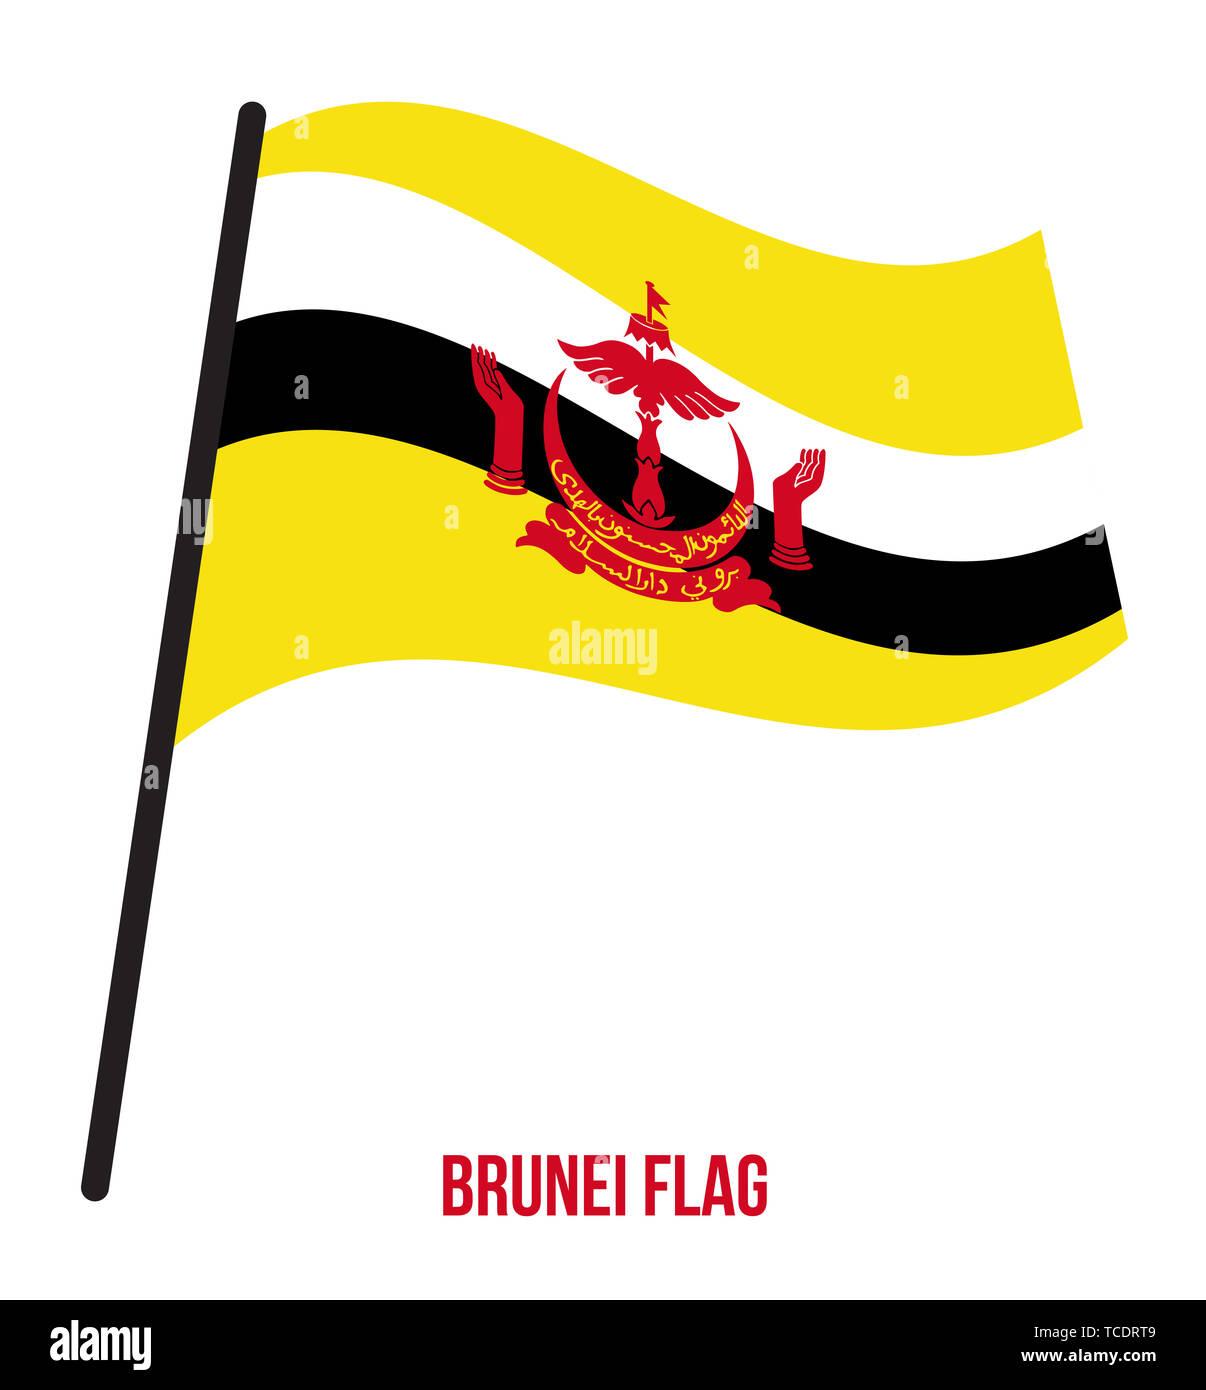 Brunei Flag Waving Vector Illustration on White Background. Brunei National Flag. - Stock Image